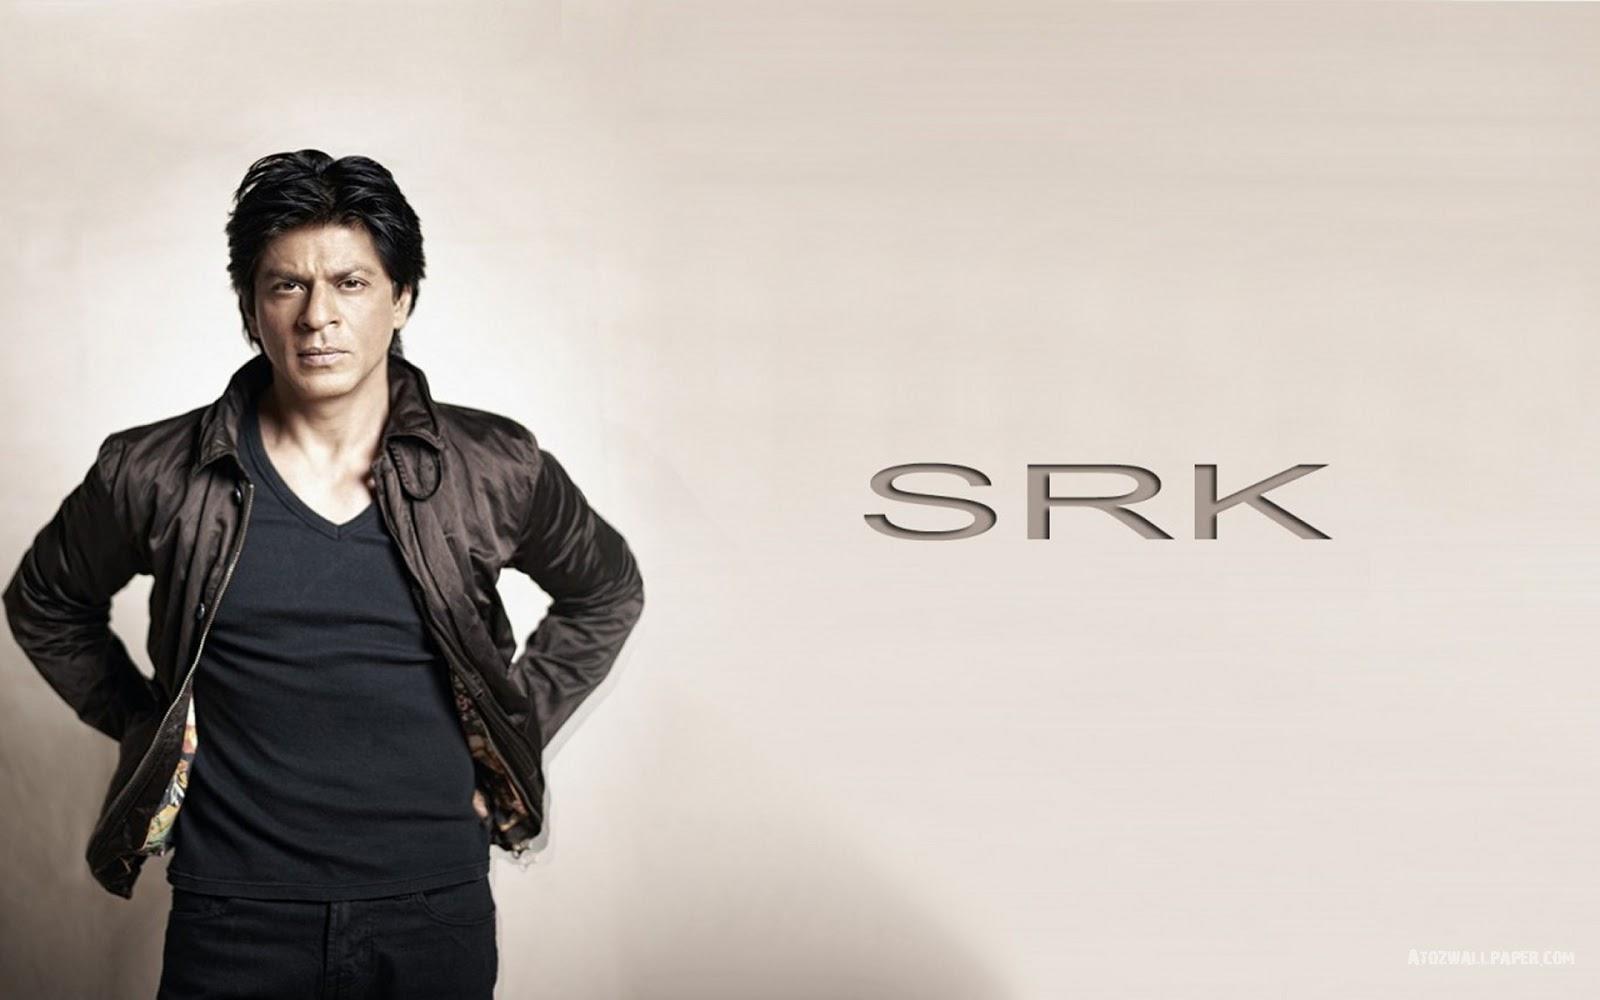 shahrukh khan hd wallpaper - best actors wallpepar